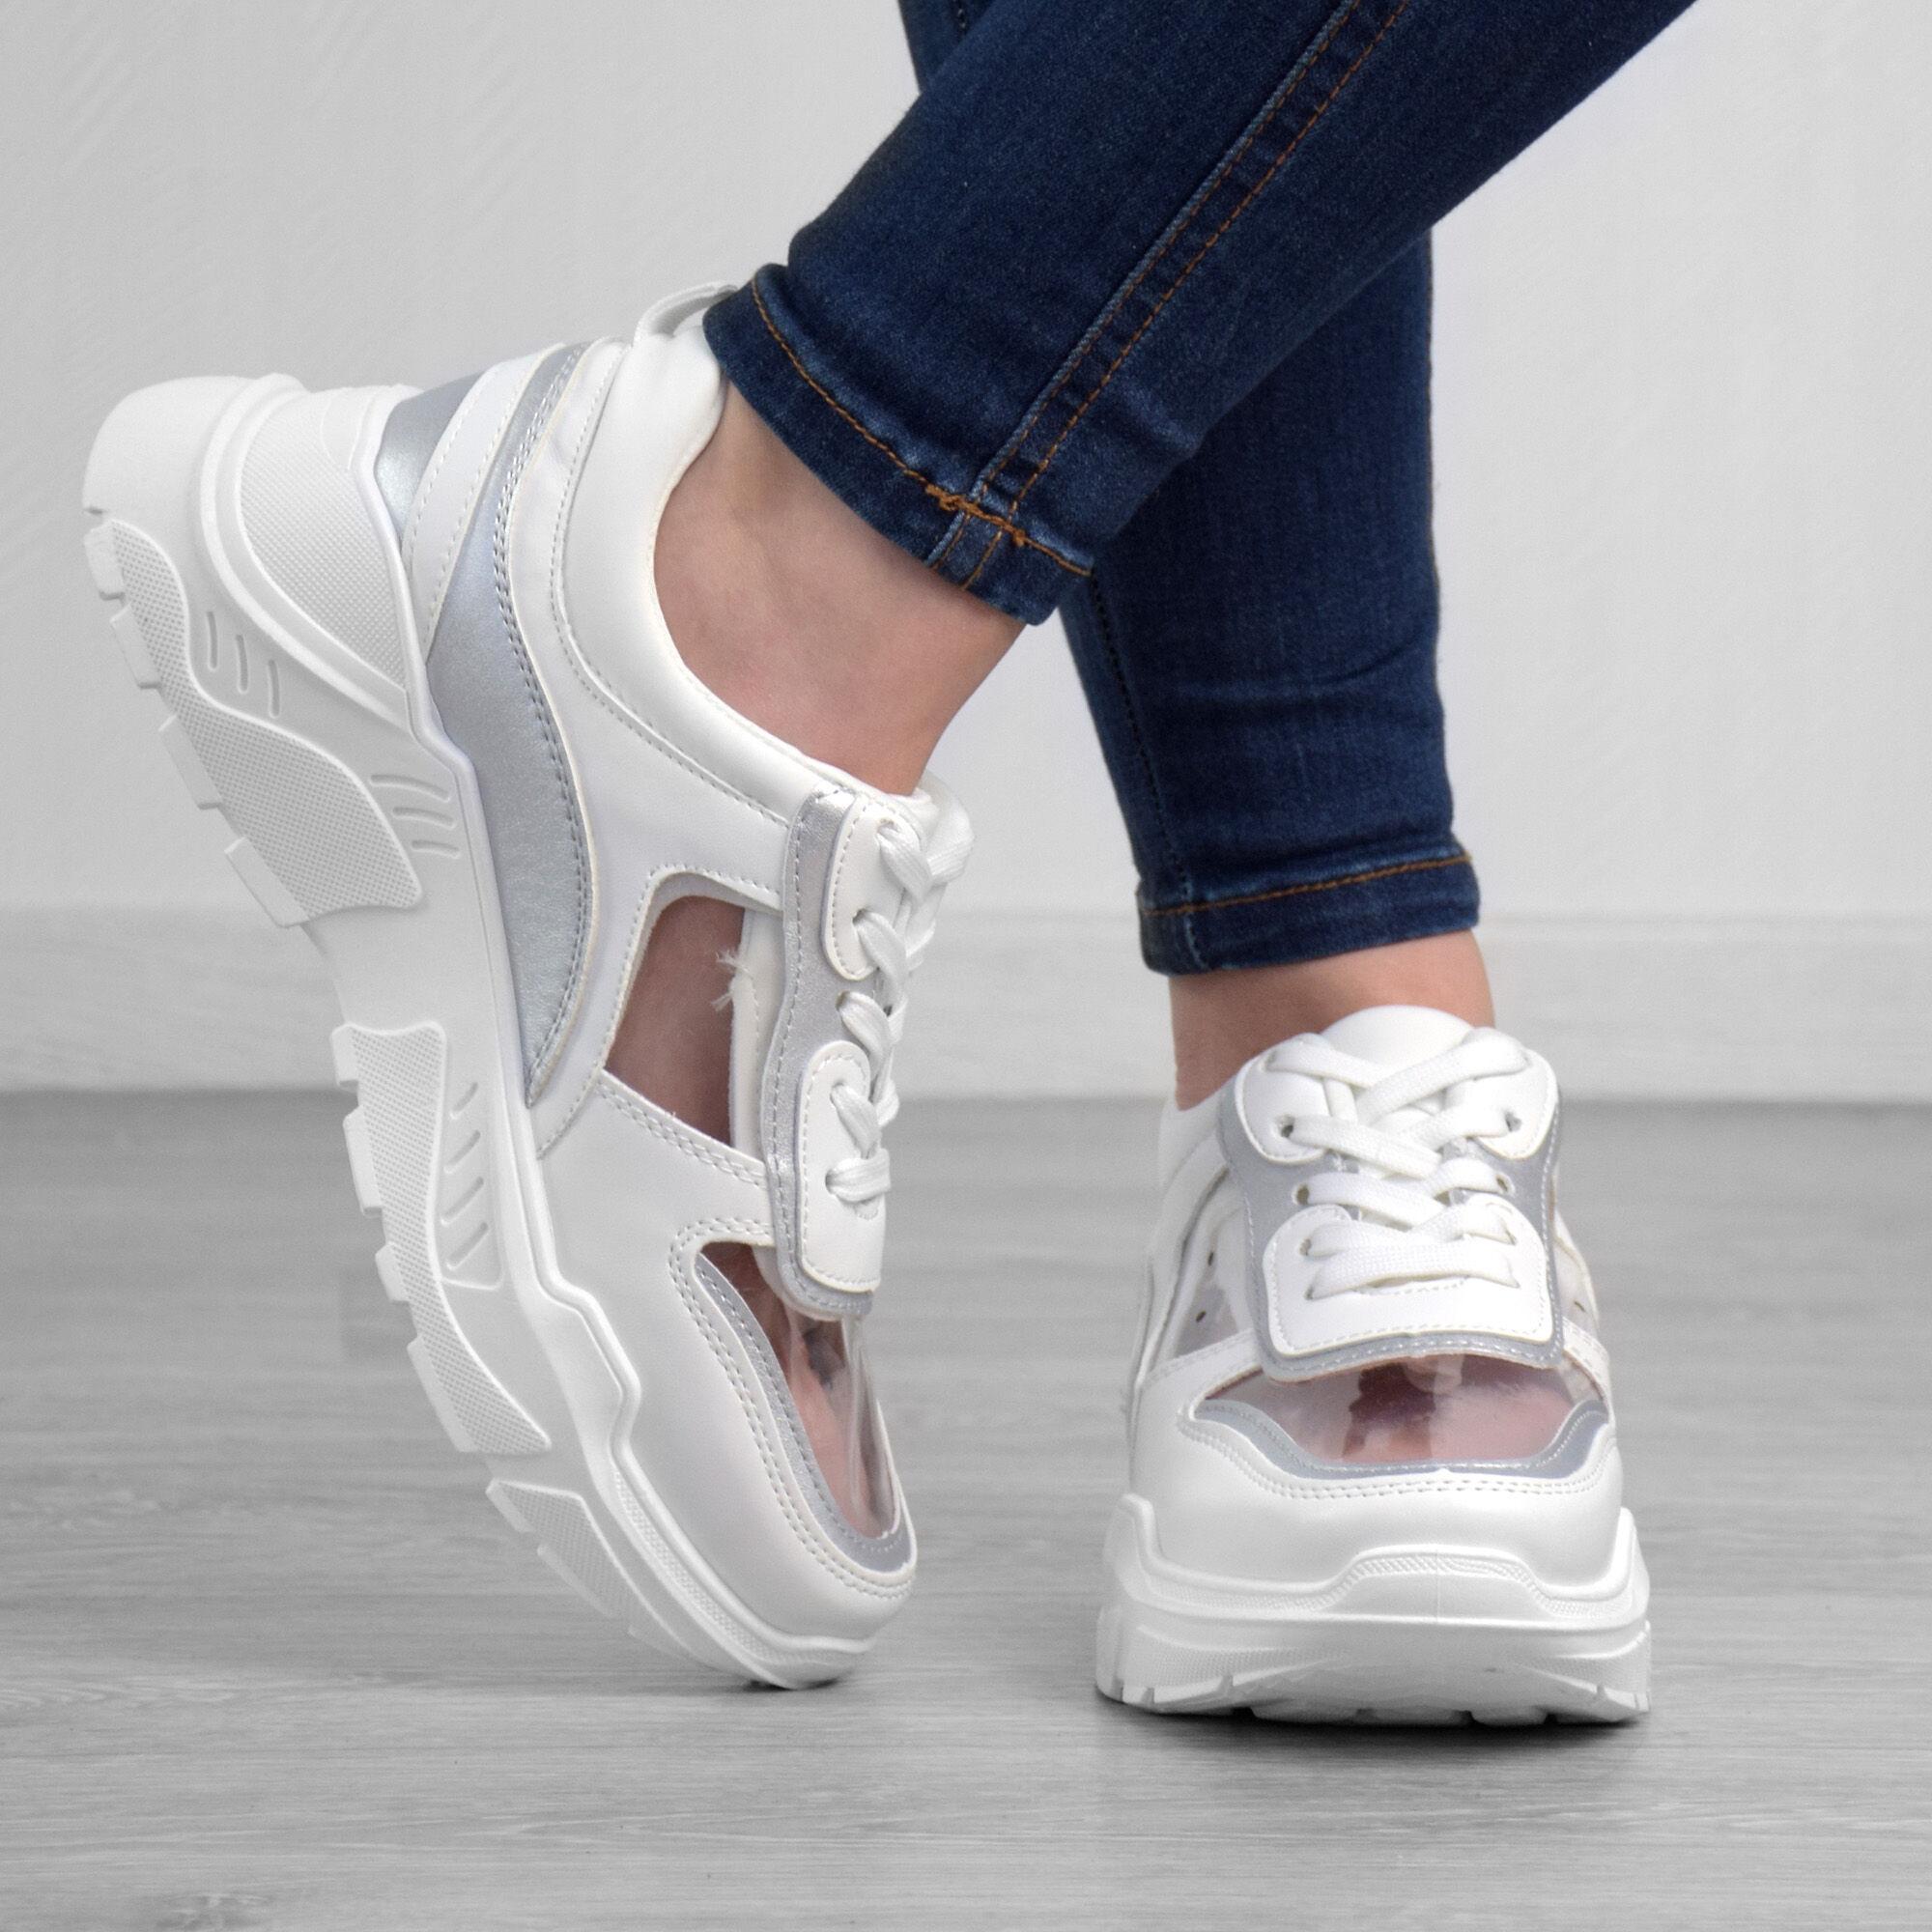 c8e1cef09e Különleges, sportos megjelenésű utcai cipő, átlátszó betétekkel és  magasított talppal az egyedi megjelenésért.